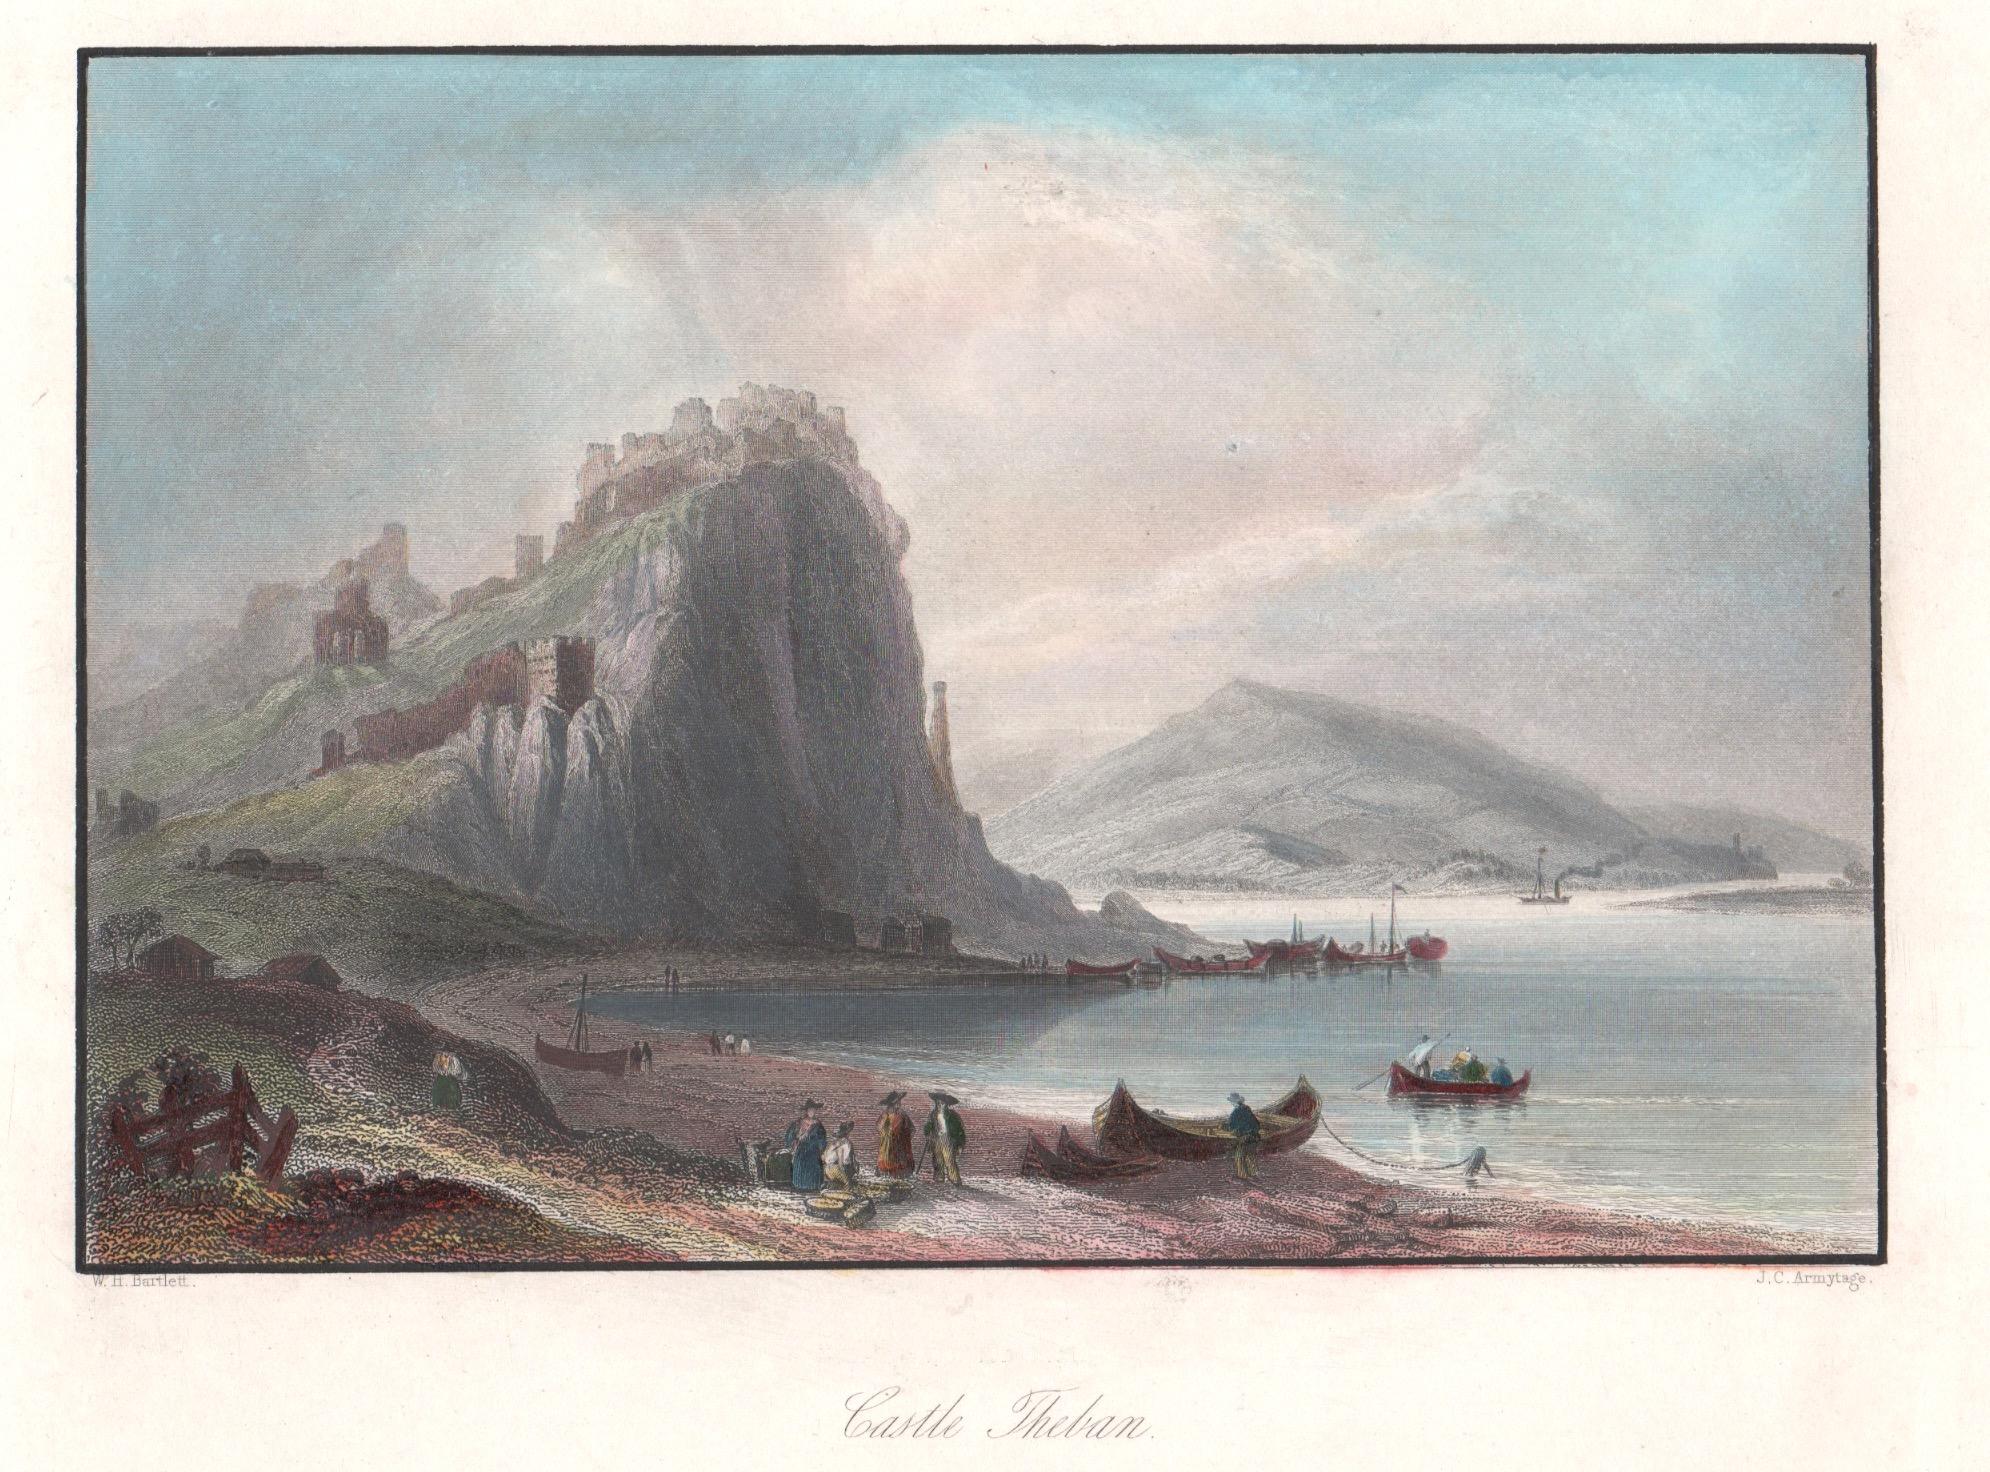 Armytage J. C. Castle Theban. / Chateau de Theben.